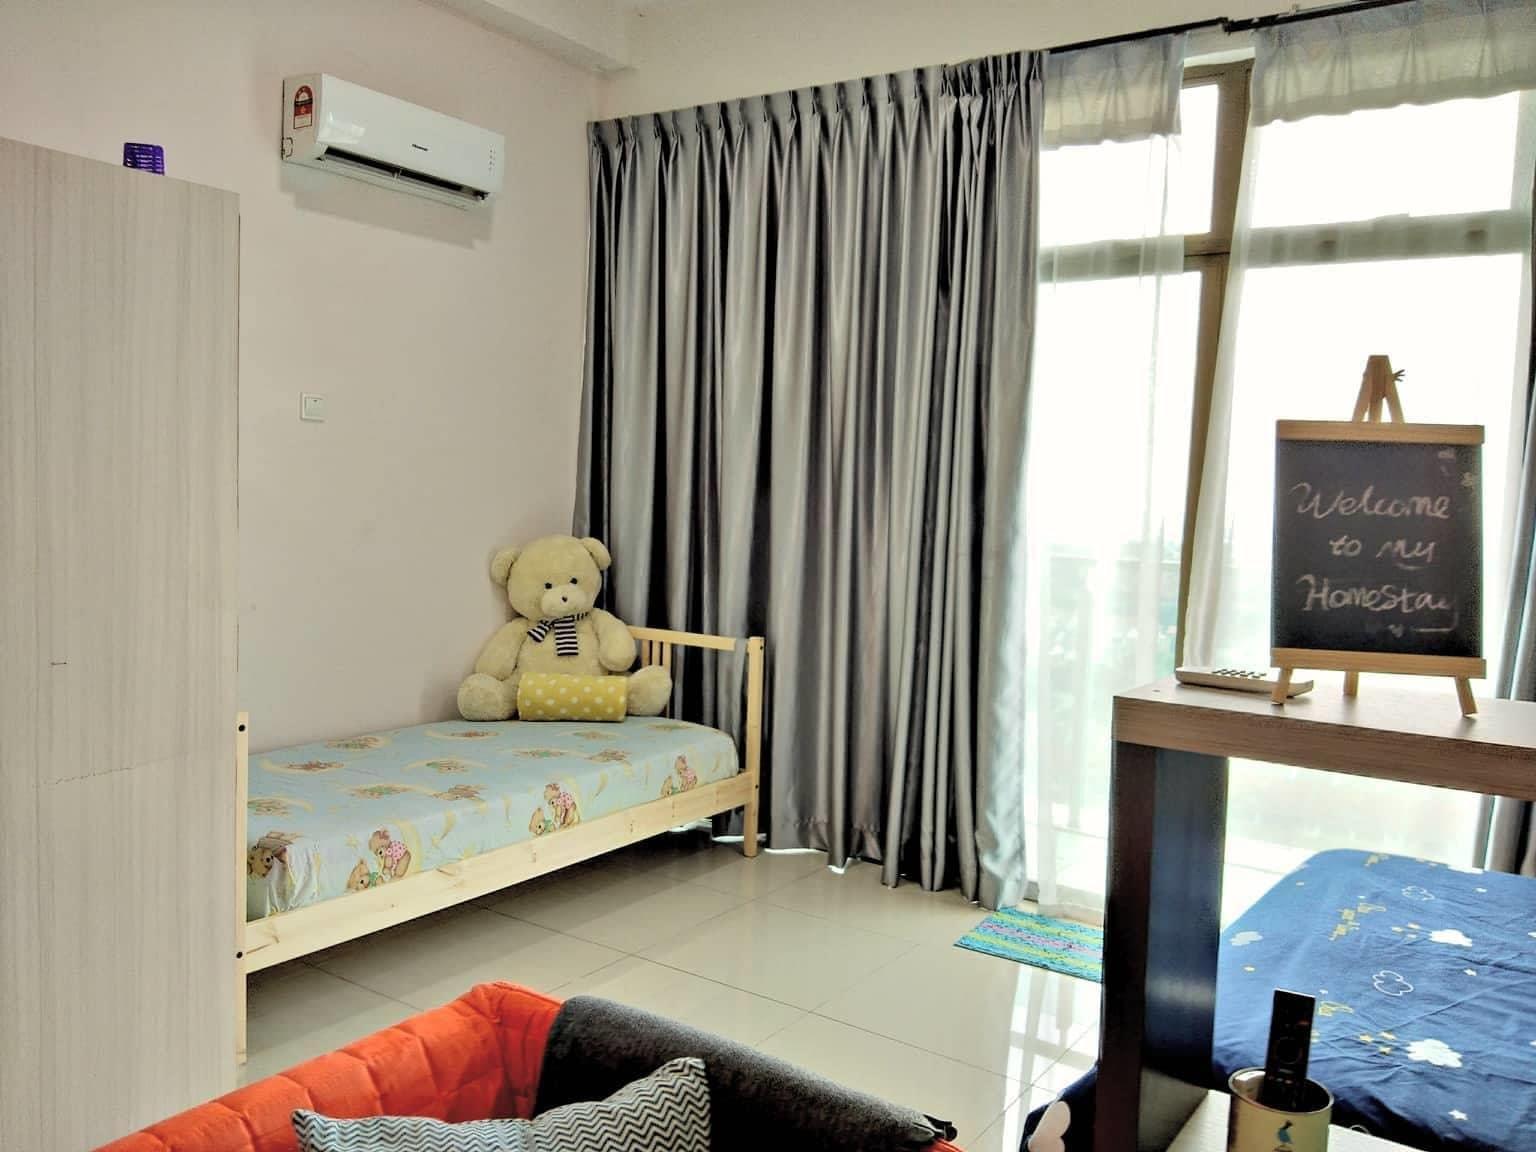 HomeStay in Johor (Palazio), Johor Bahru